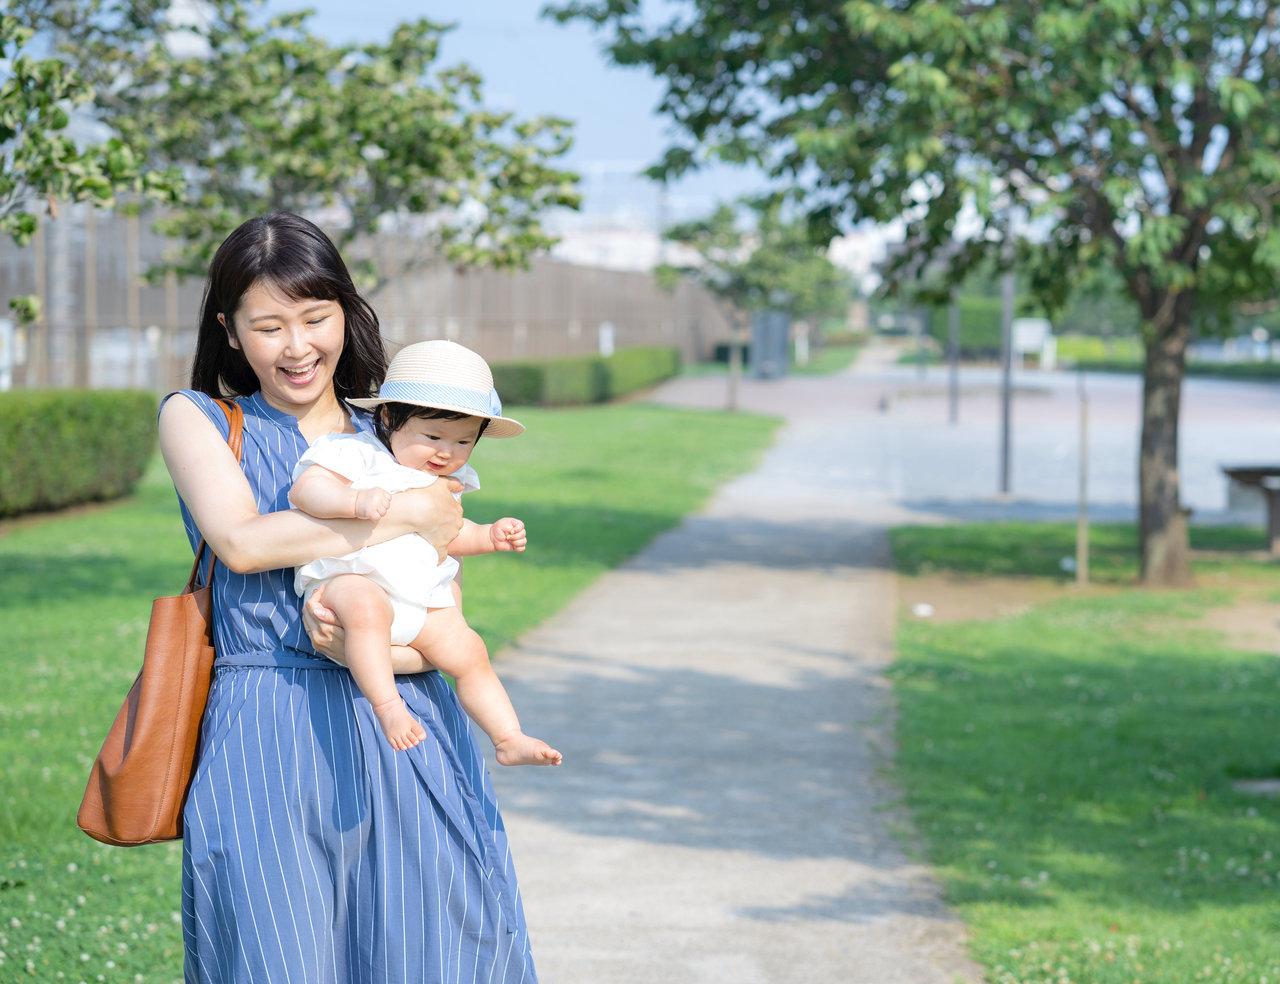 赤ちゃんとのお出かけを楽しもう!注意点と持ち物やスポットを紹介